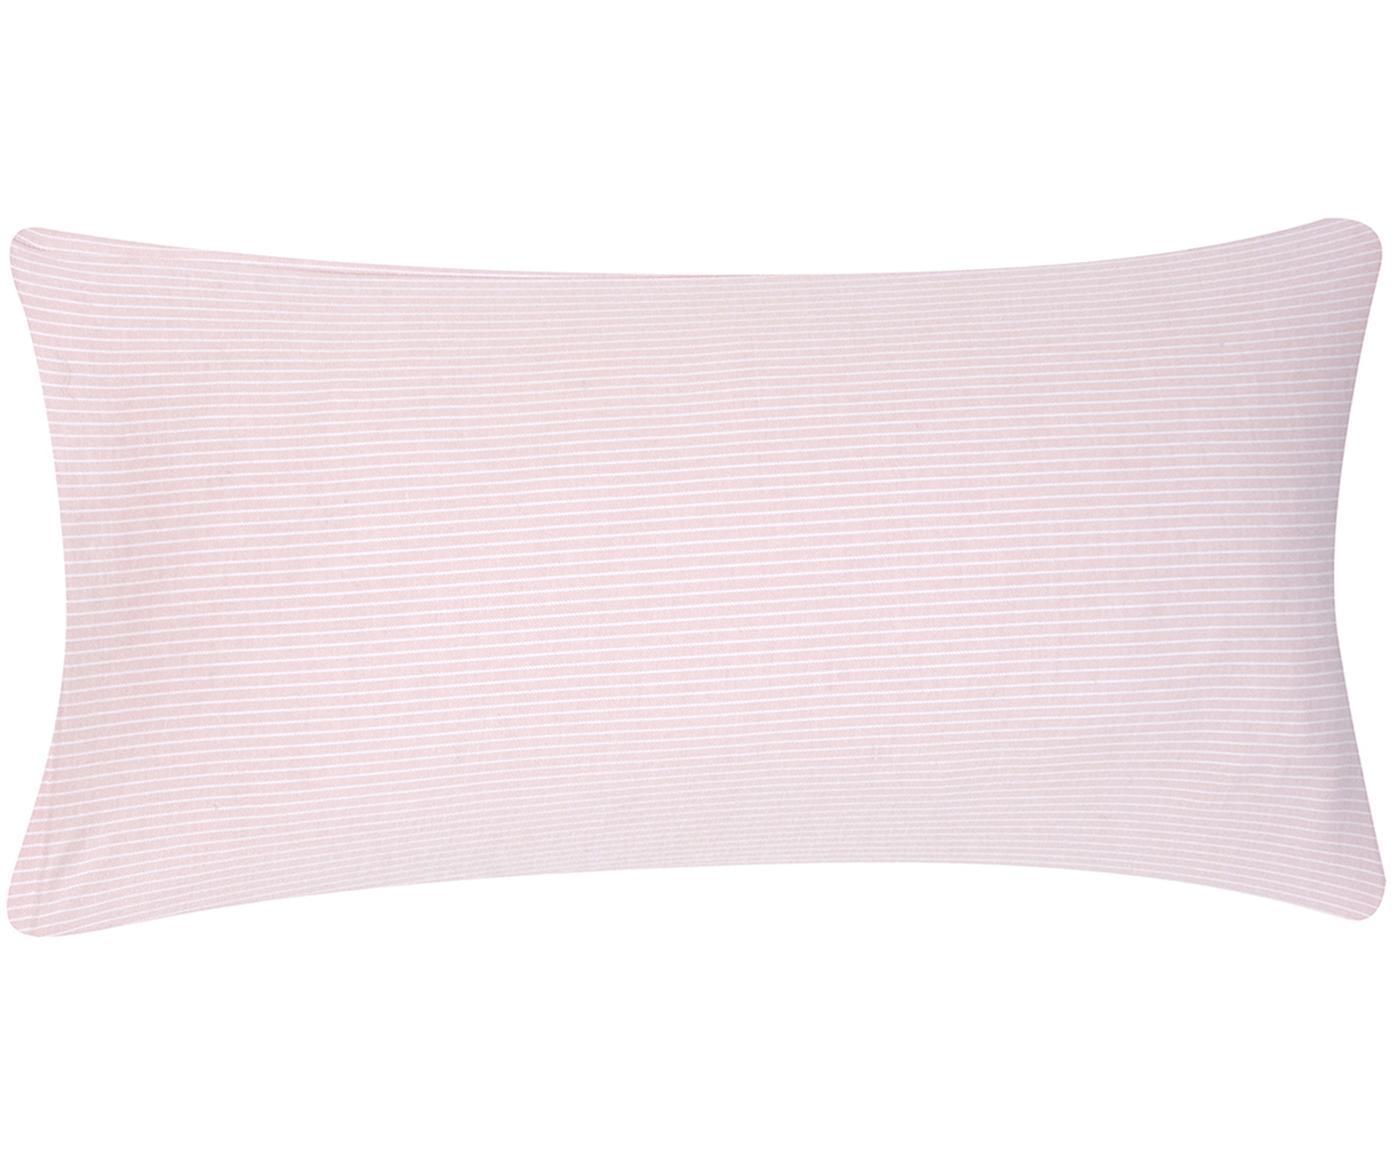 Flanell-Kissenbezüge Rae, fein gestreift, 2 Stück, Webart: Flanell Flanell ist ein s, Rosa, Weiß, 40 x 80 cm